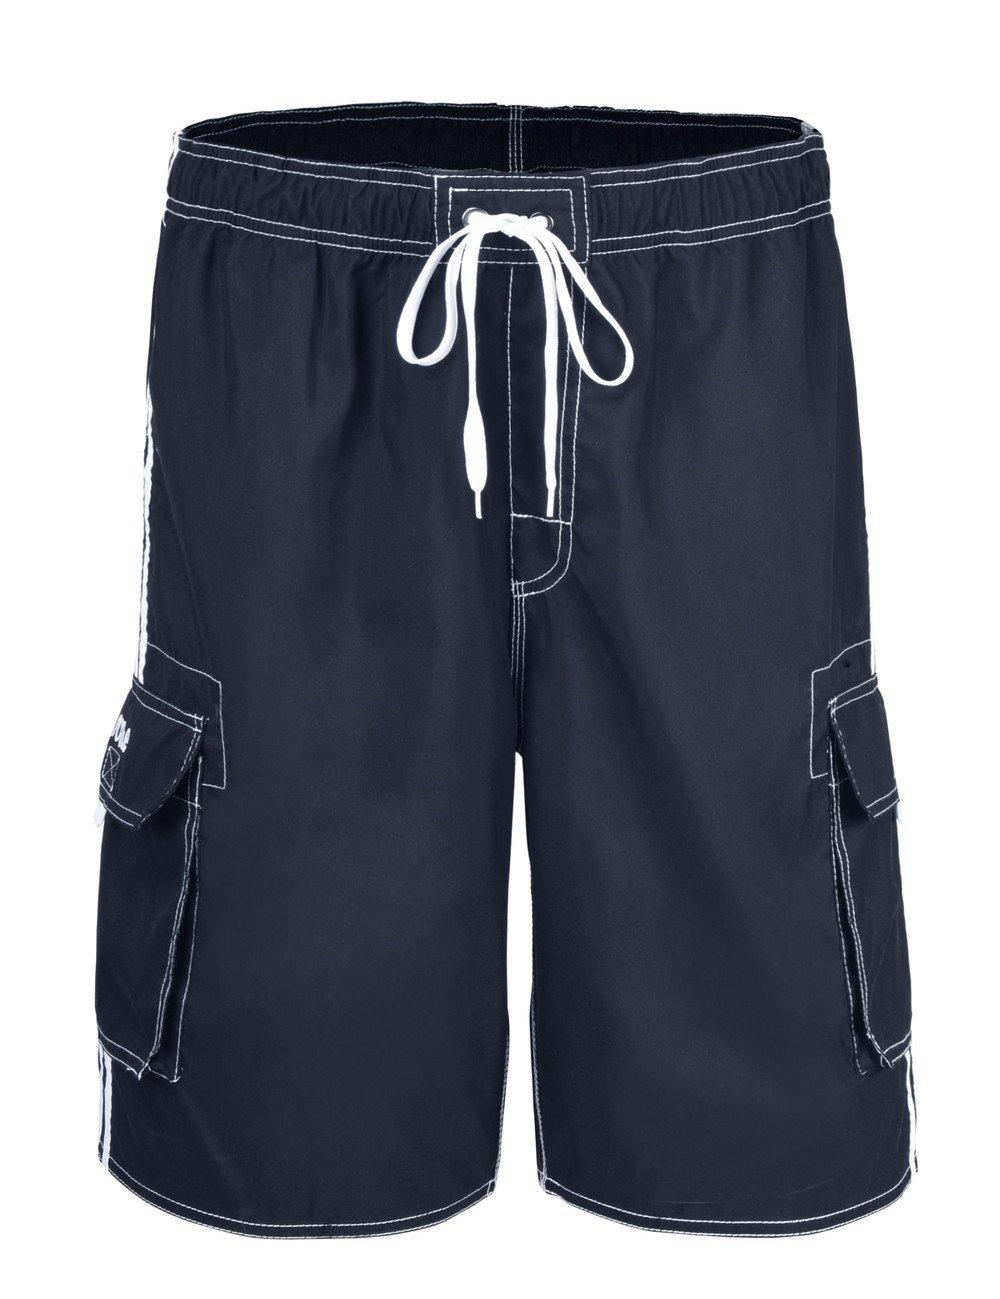 NONWE Men's Summer Quick Dry Lightweight Swim Trunks Beach Shorts Deep Blue 38